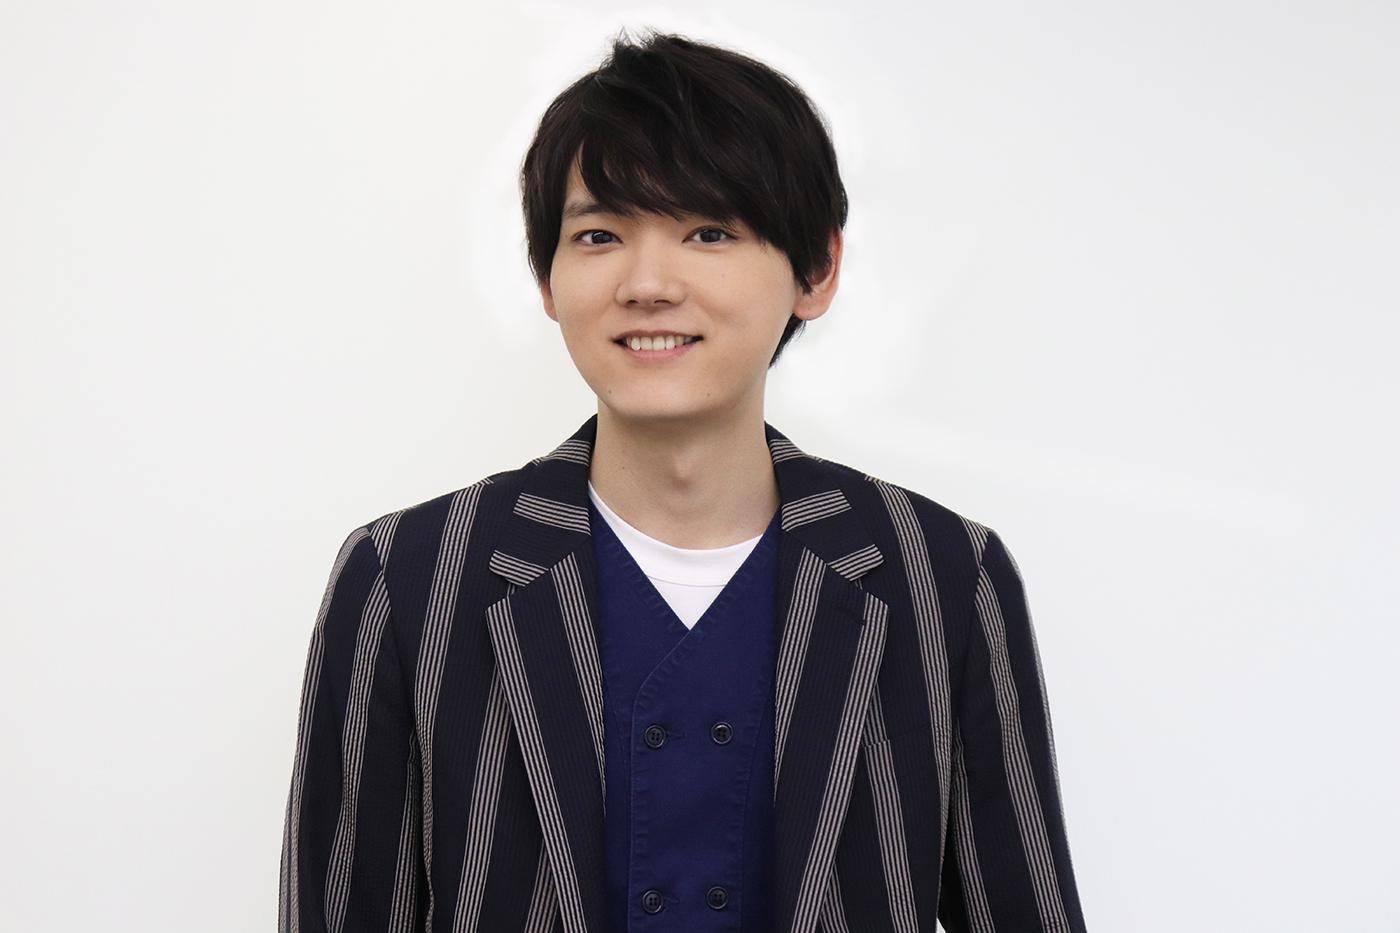 古川雄輝インタビュー「舞台に勝負感を感じています」